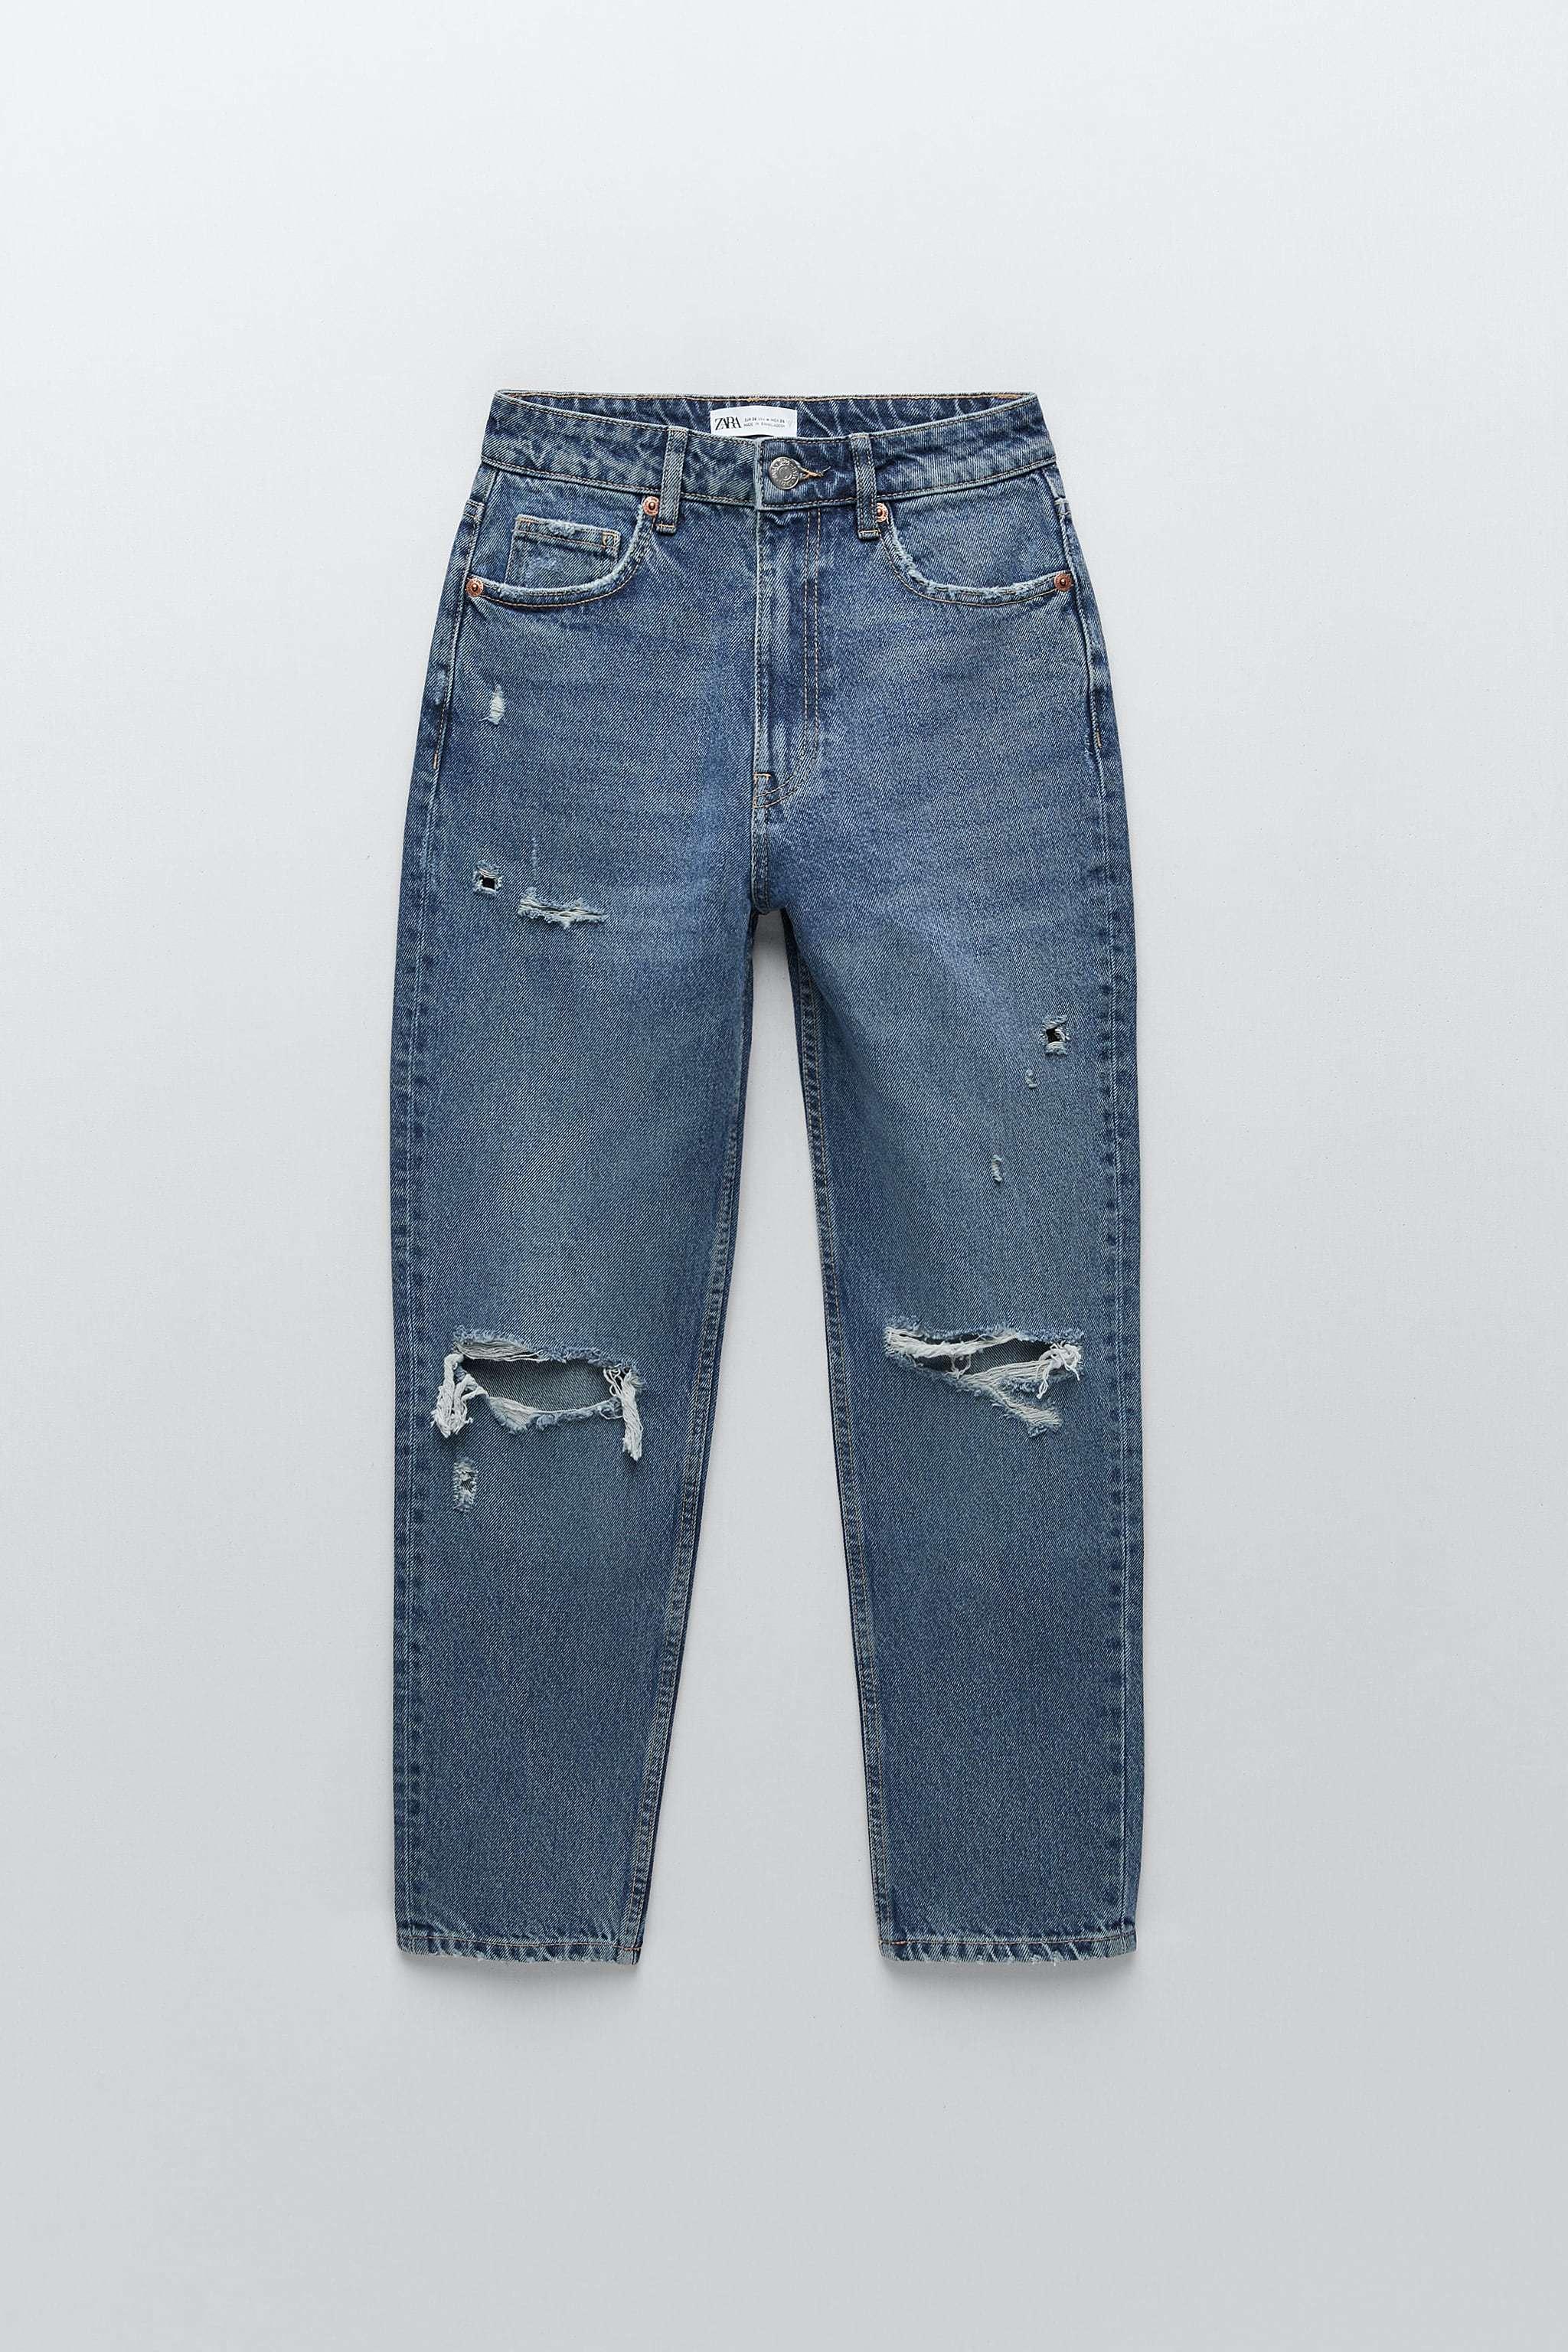 Jeans rotos, de Zara.